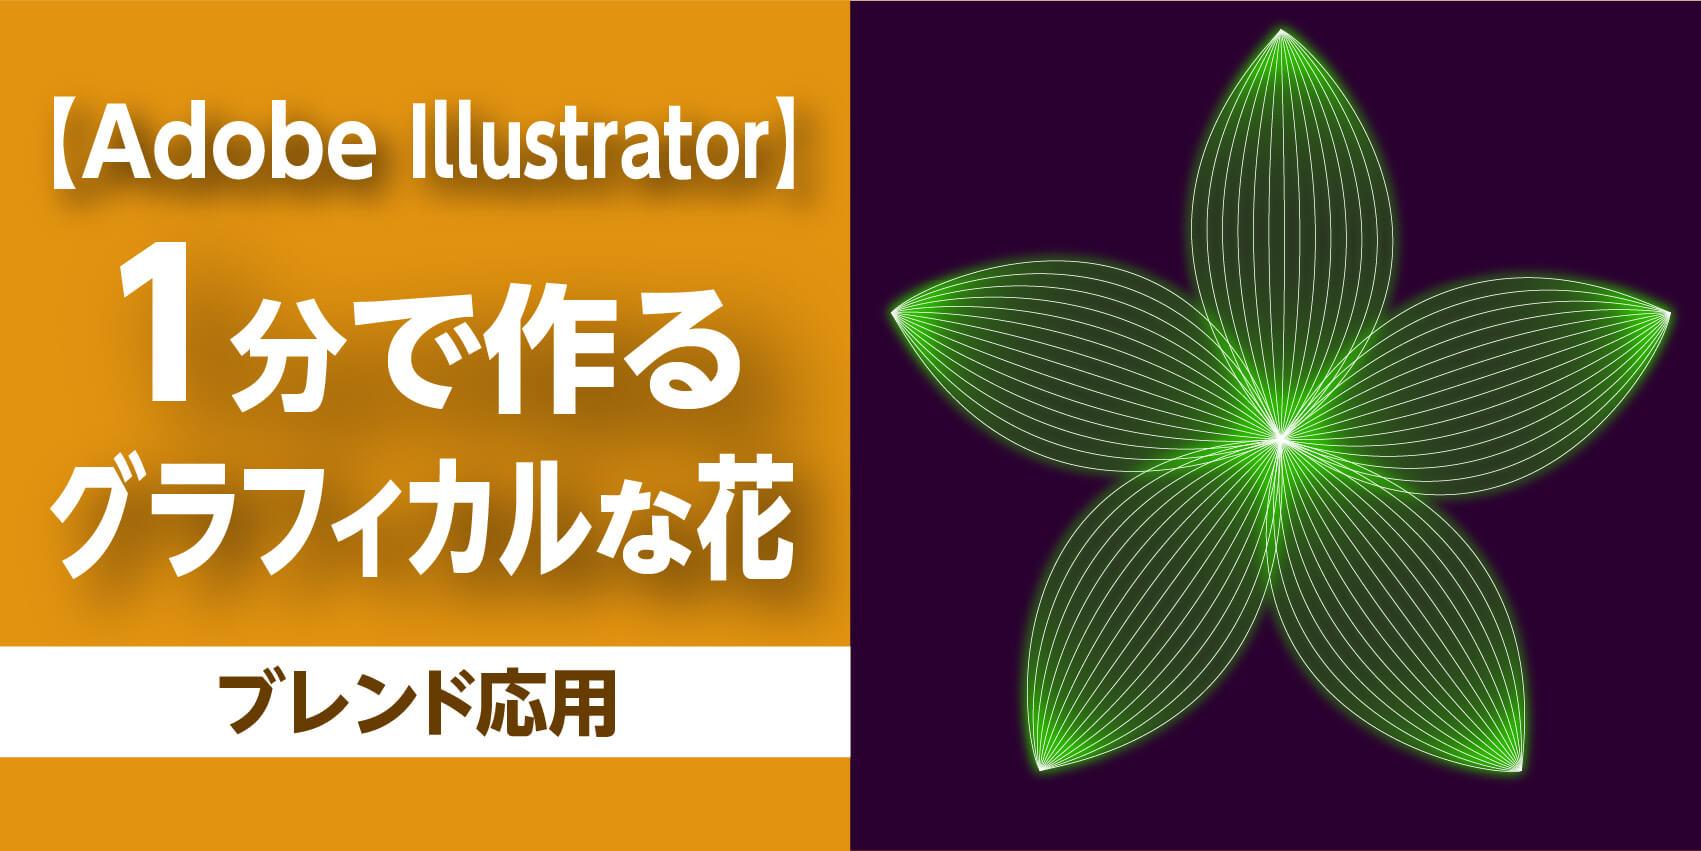 【Adobe Illutrator】1分で描くグラフィカルな花